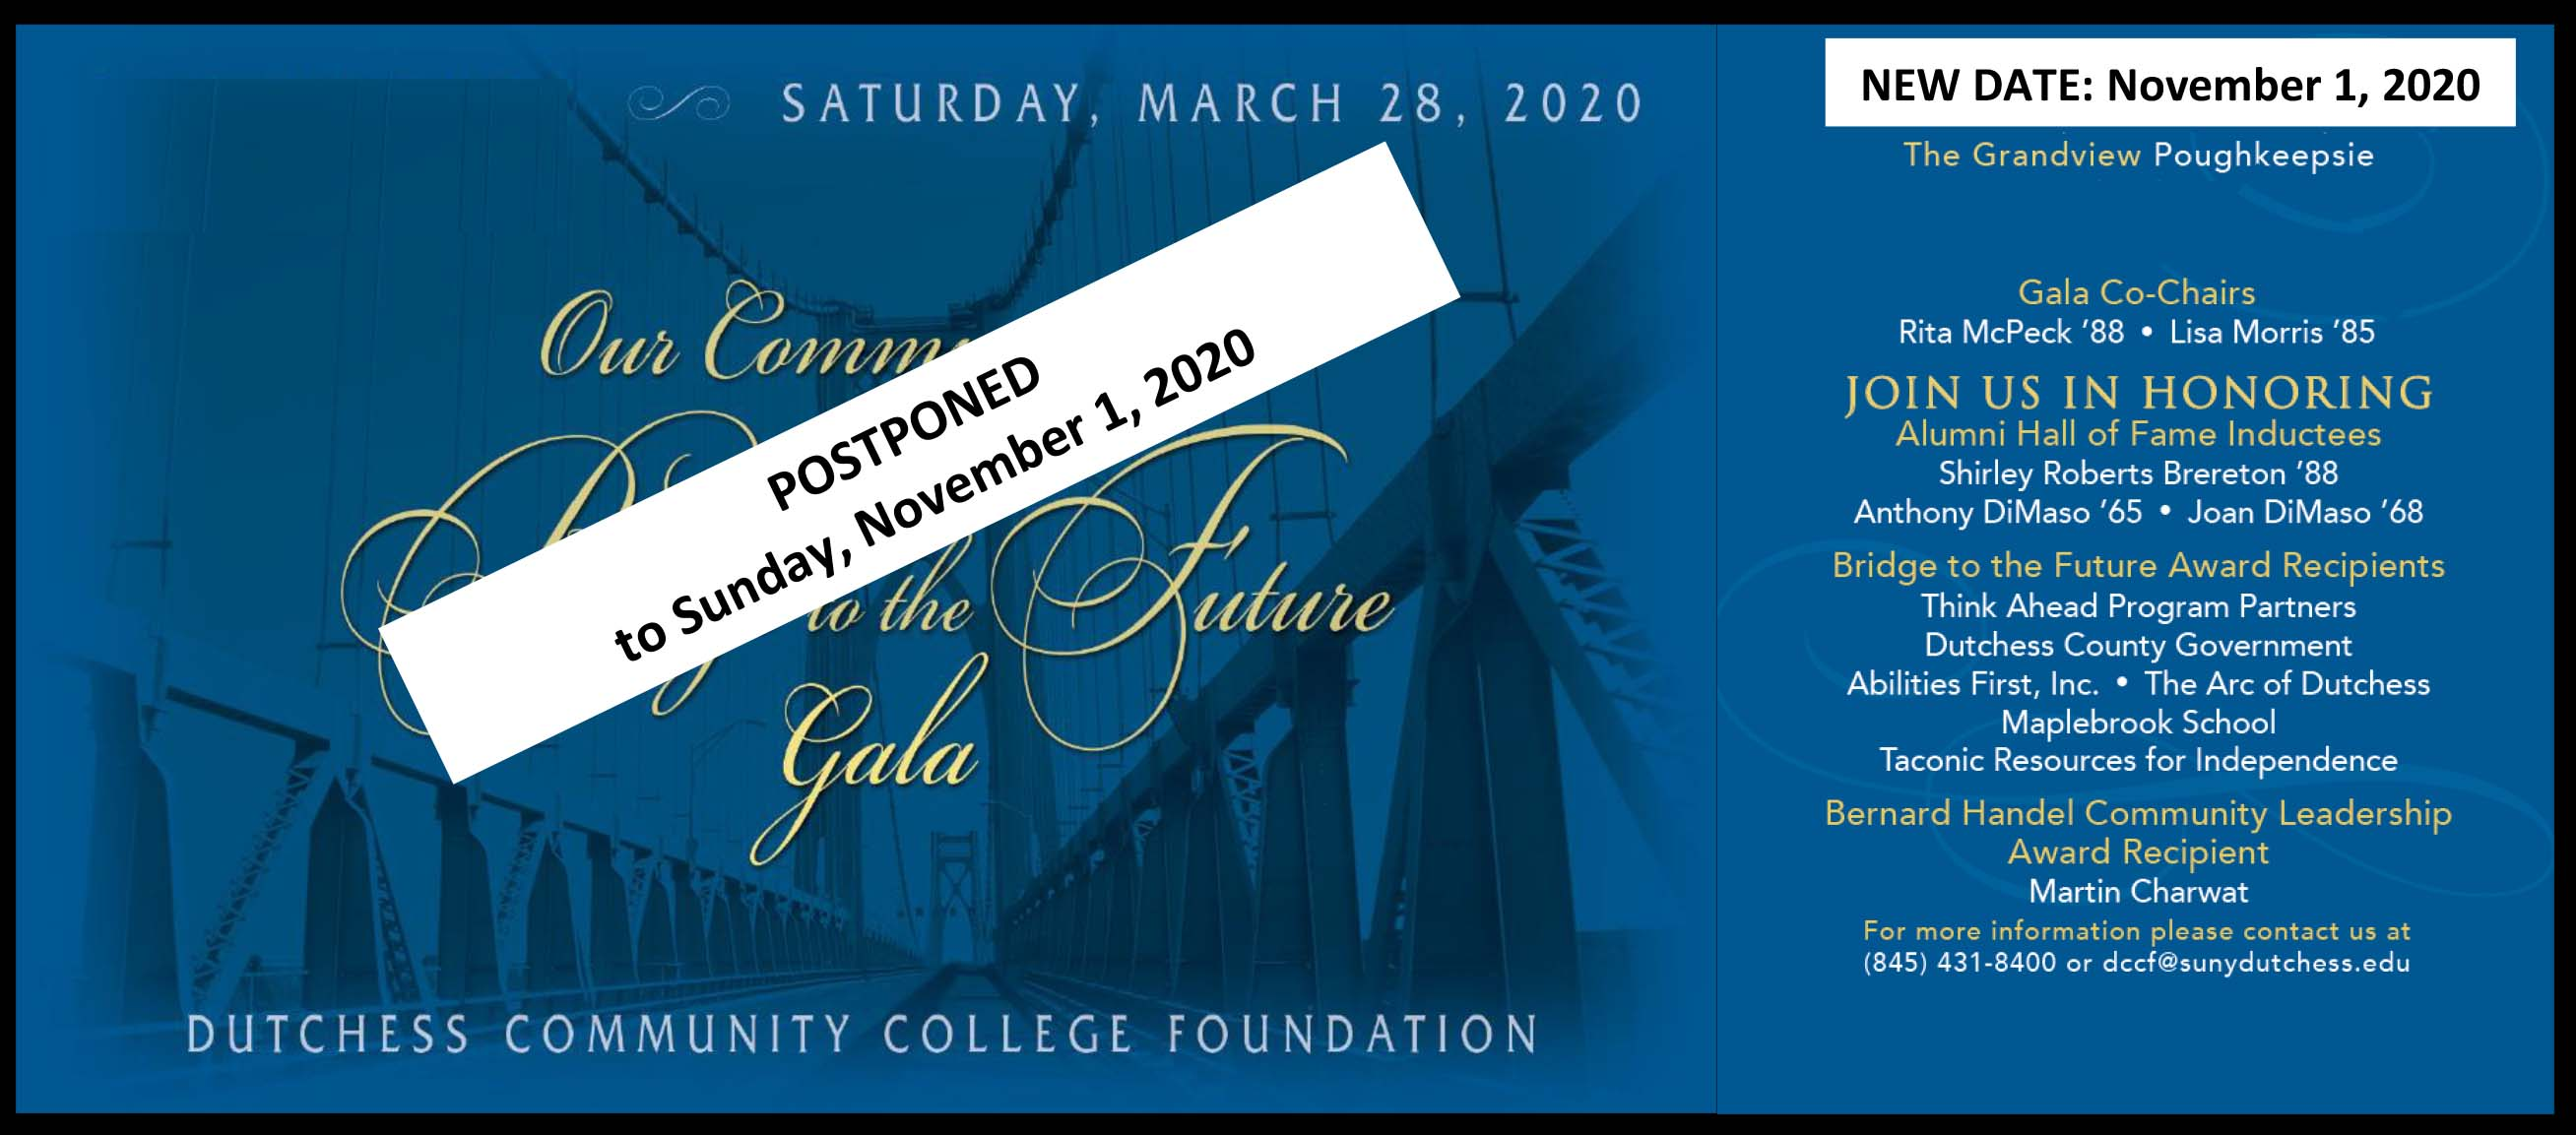 2020 Gala postponed